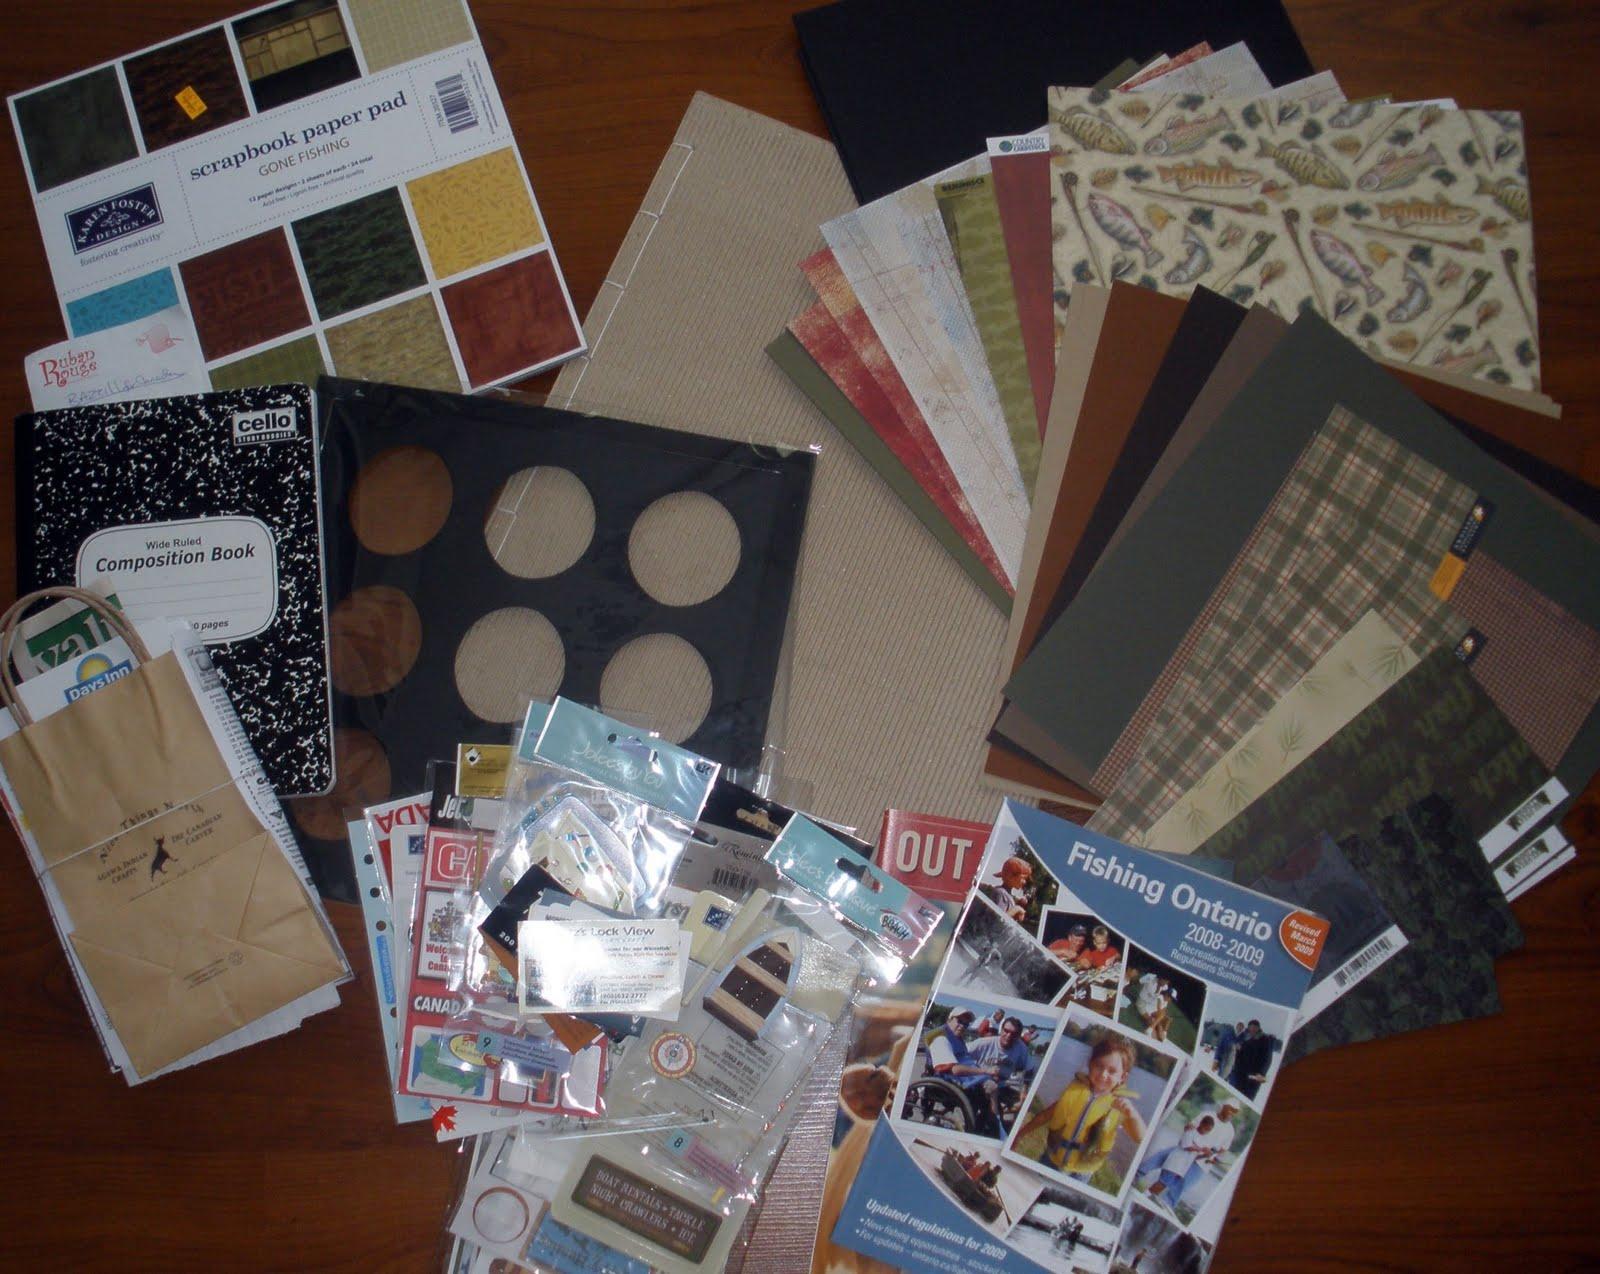 Canadian Wallpaper Suppliers Download Wallpaper DaWallpaperz 1600x1274